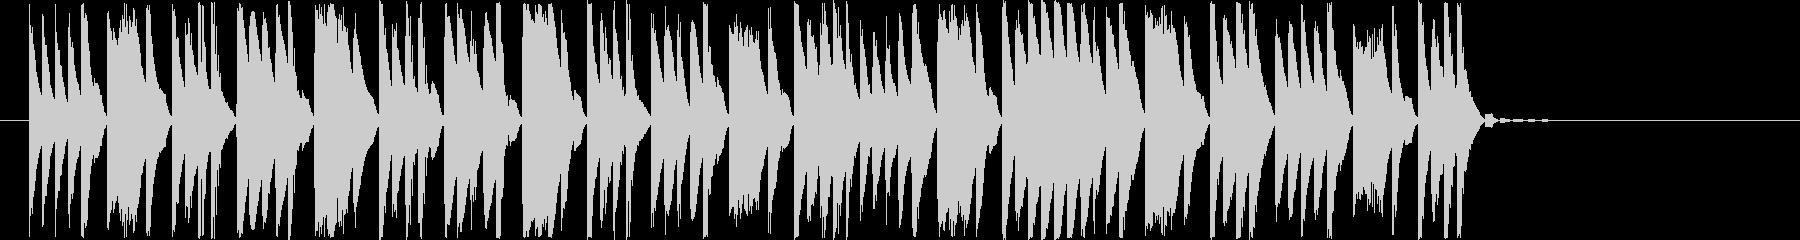 教育番組のシーン転換に使えるジングルの未再生の波形